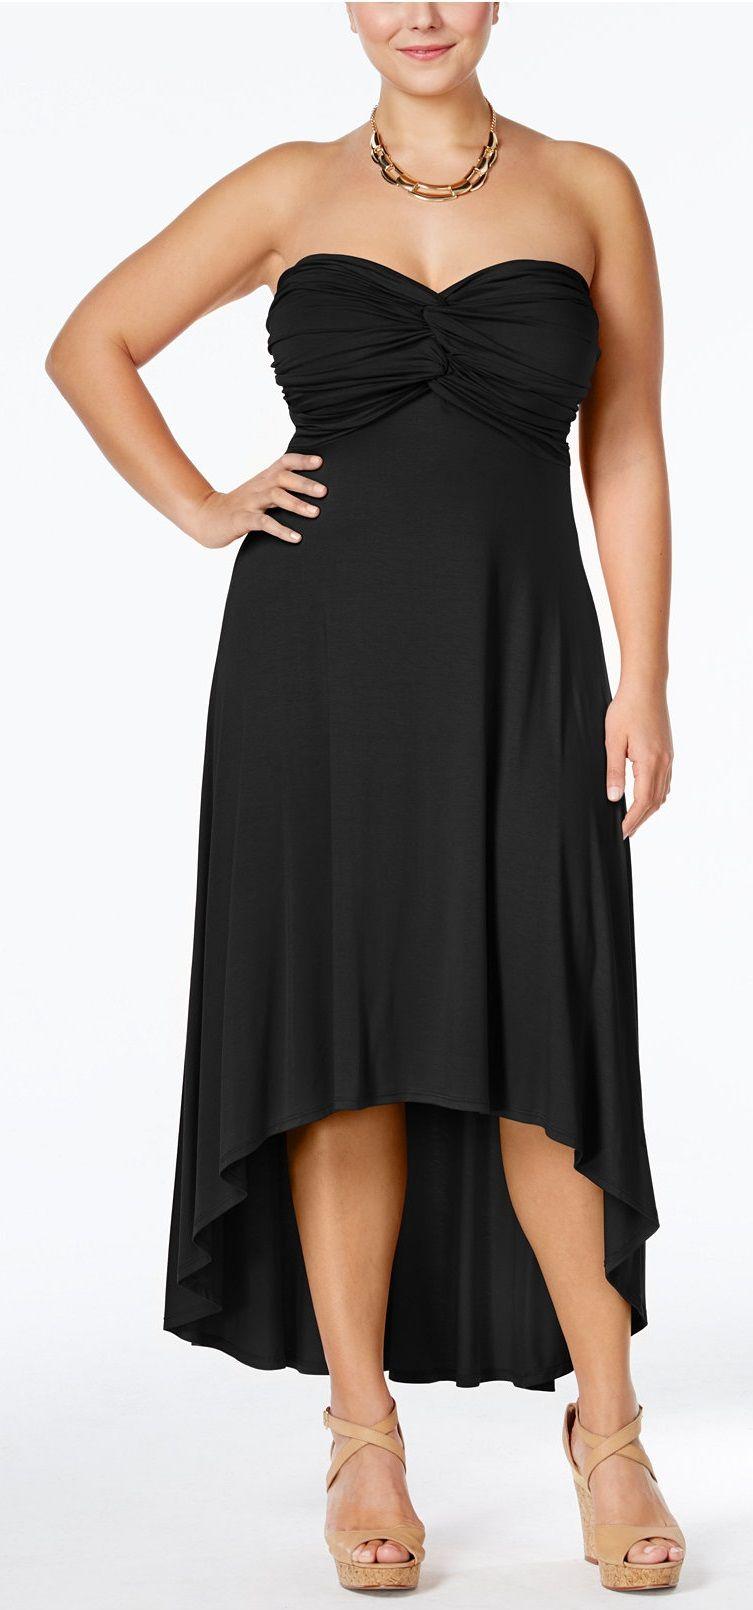 c06a307d83d Plus Size Strapless High-Low Maxi Dress